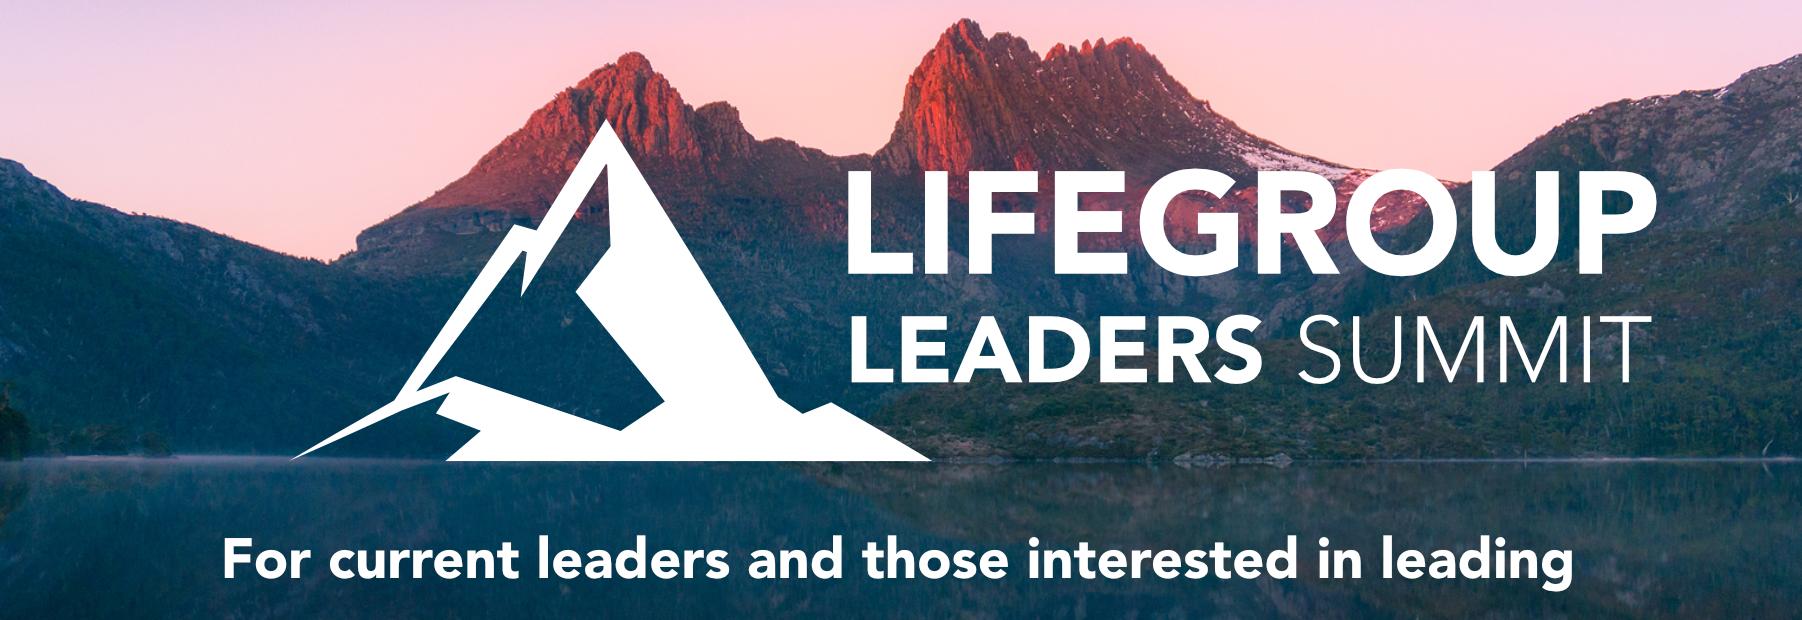 Leaders Summit webbanner.jpg